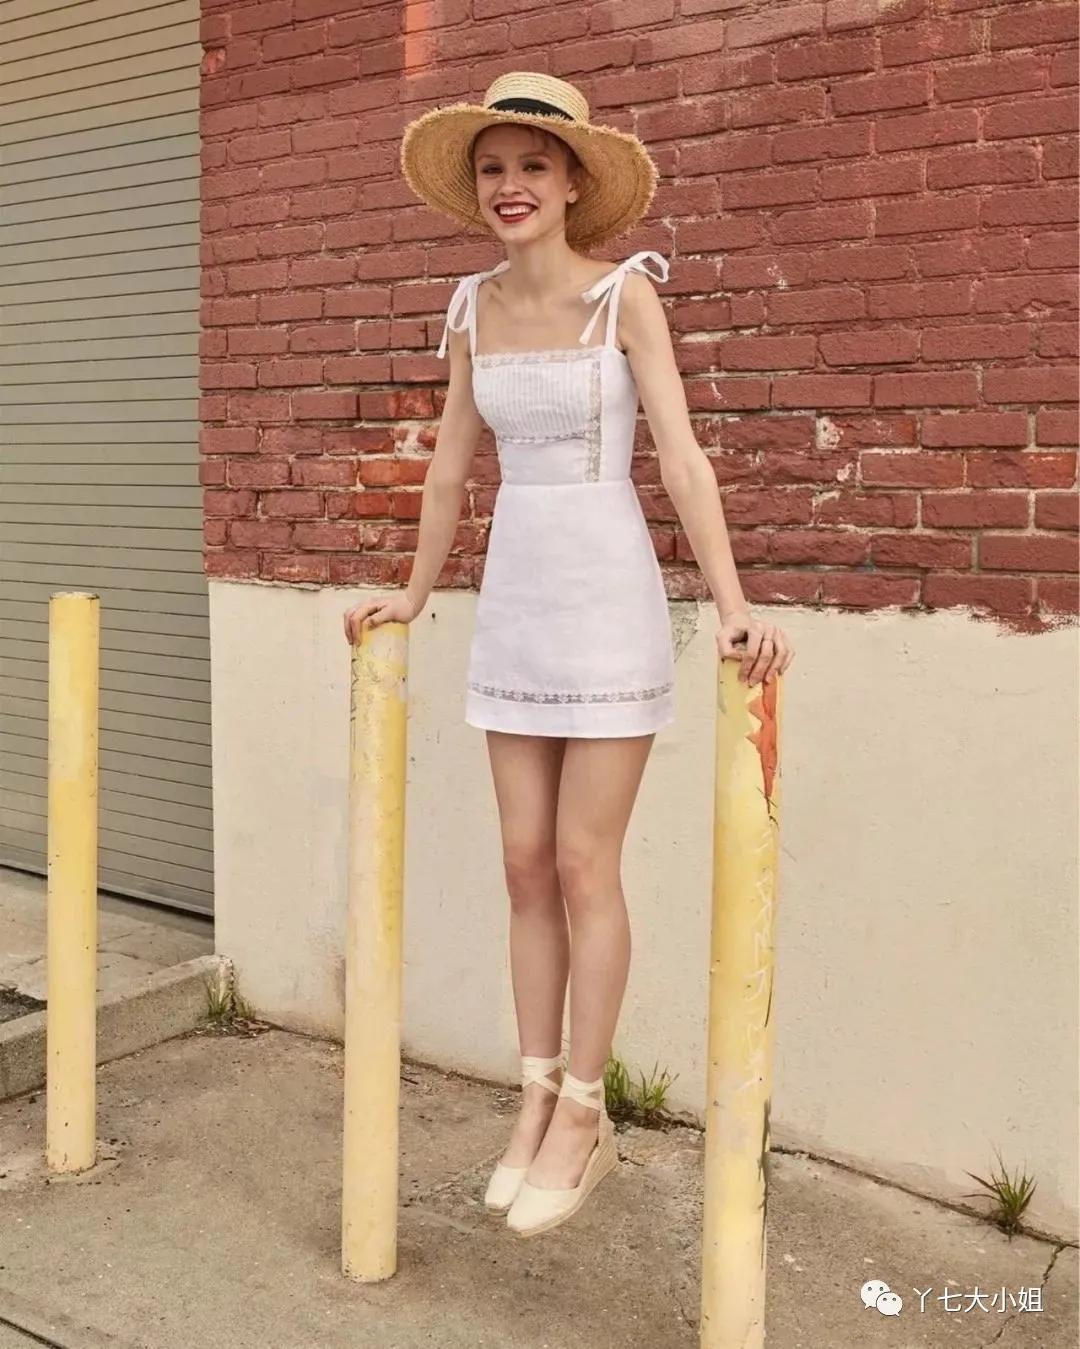 """4 kiểu váy trắng mặc lên hack ngay 5 tuổi, diện đi làm hay đi chơi cũng """"max"""" xinh - Ảnh 1."""